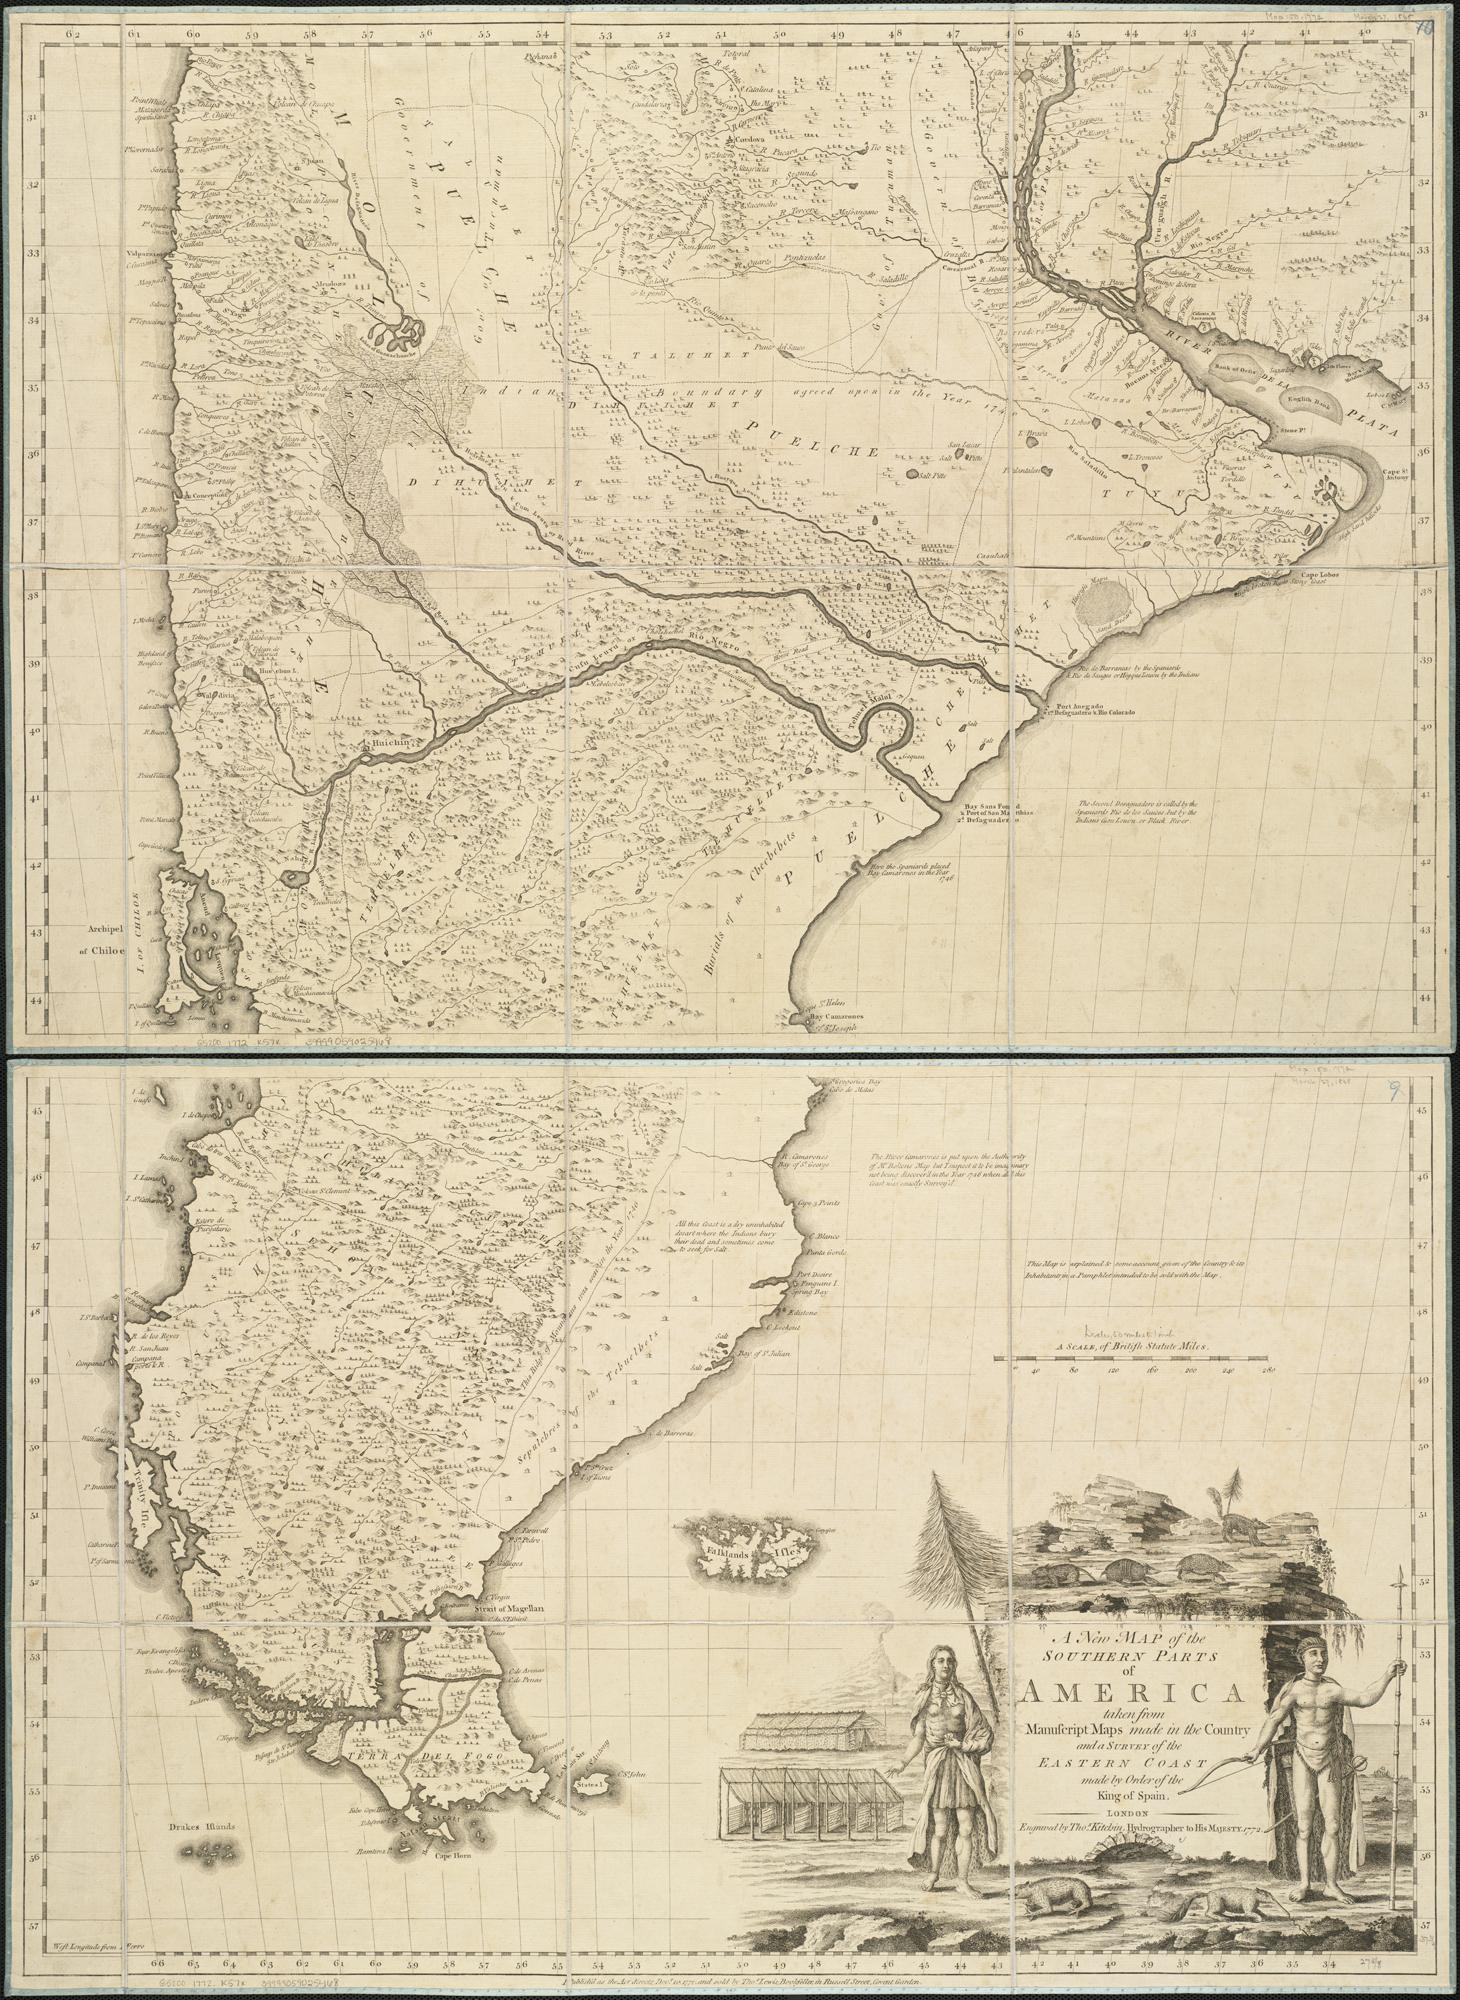 East Coast USA Wall Map Mapscom West Coast Usa Map Stock Photos - East coast usa highway map